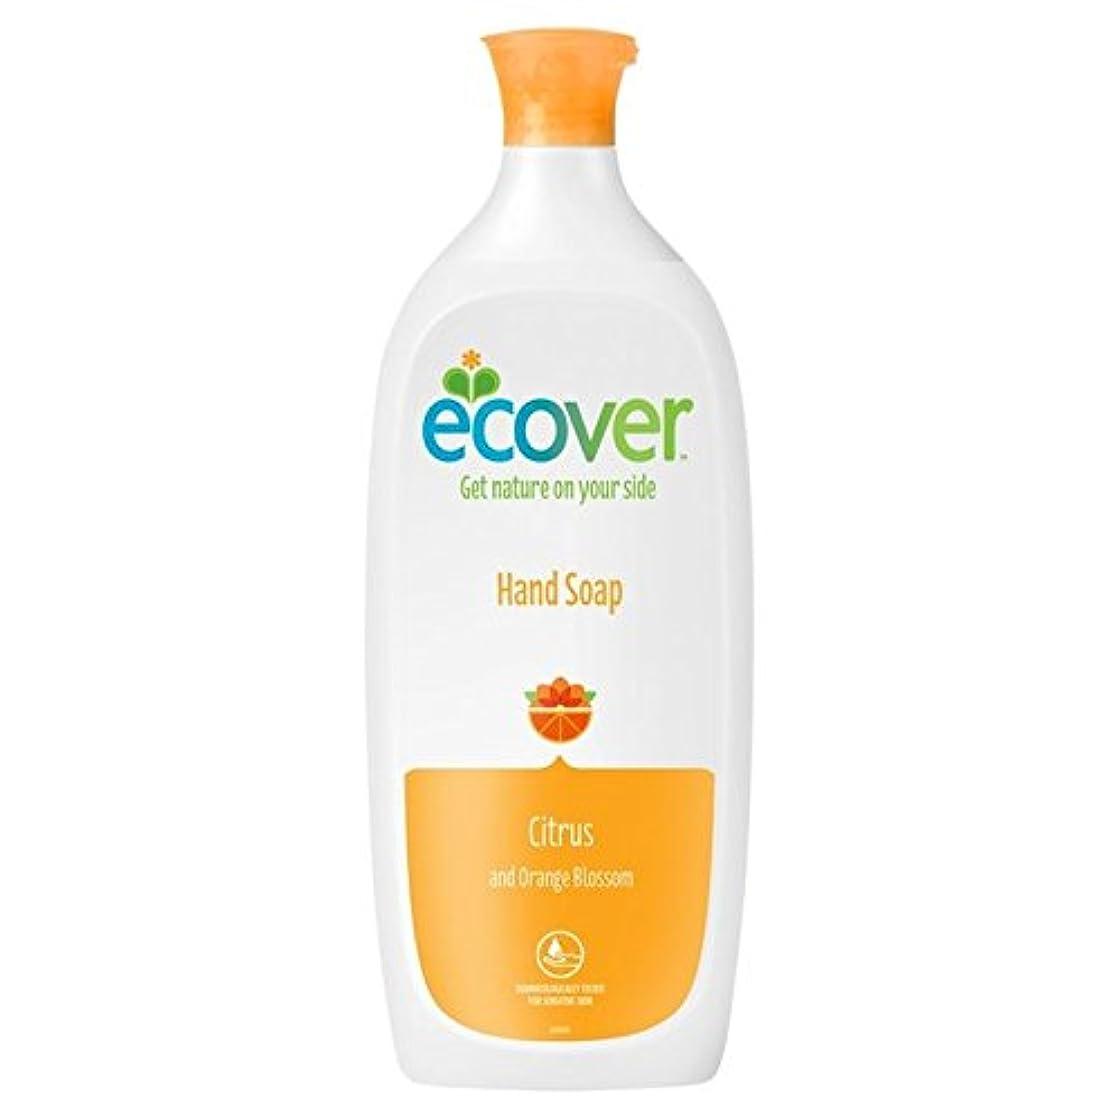 十代気難しい香りエコベール液体石鹸シトラス&オレンジの花のリフィル1リットル x4 - Ecover Liquid Soap Citrus & Orange Blossom Refill 1L (Pack of 4) [並行輸入品]